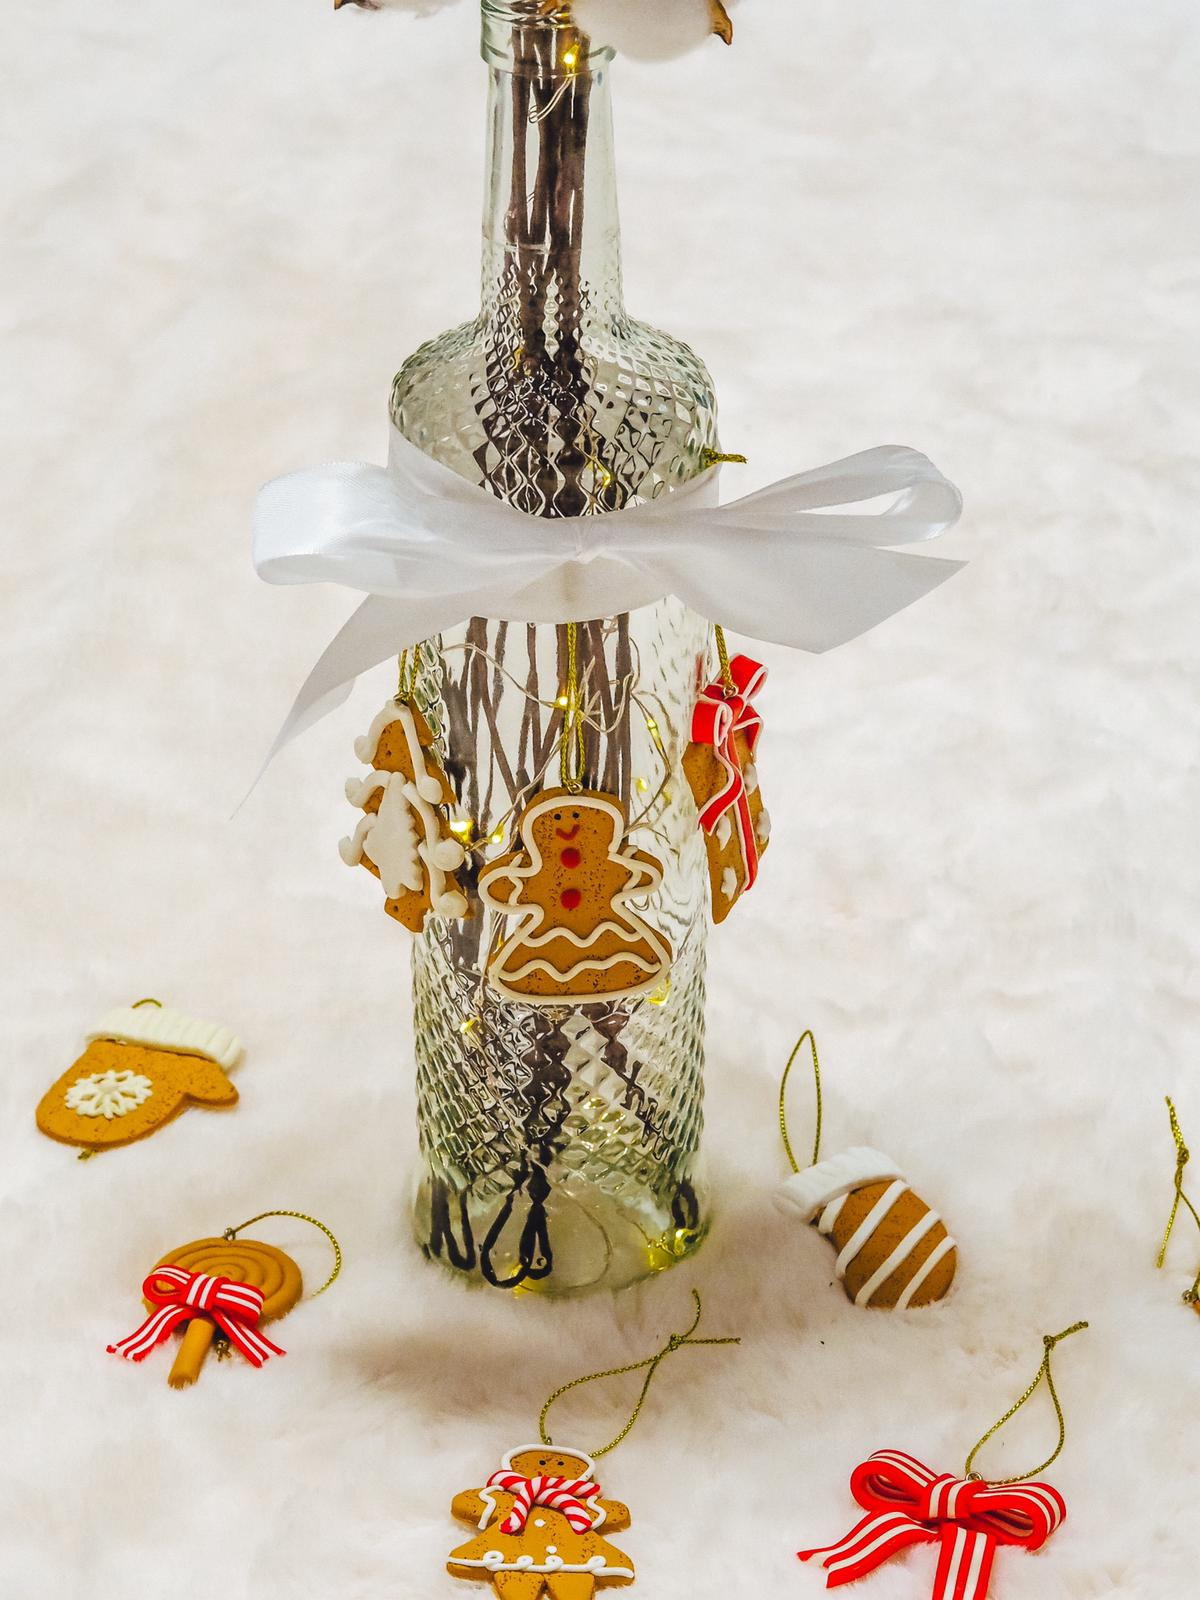 Die DIY Schneezauber Leuchtflasche sieht so niedlich aus.